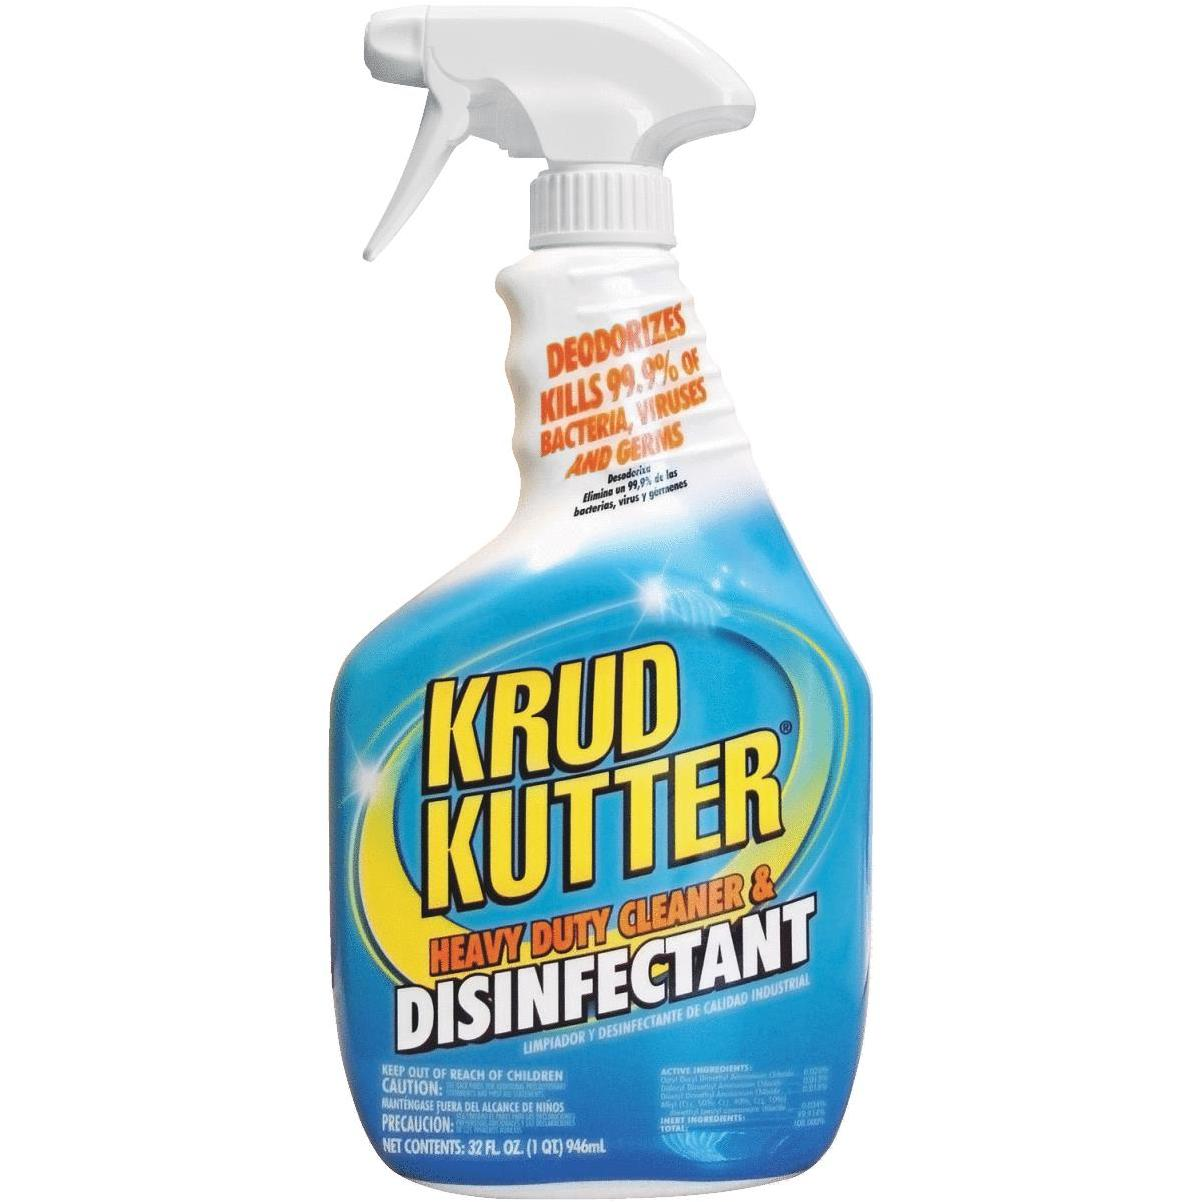 Krud Kutter 32 Oz Heavy Duty Cleaner Disinfectant Bloomer Hardware